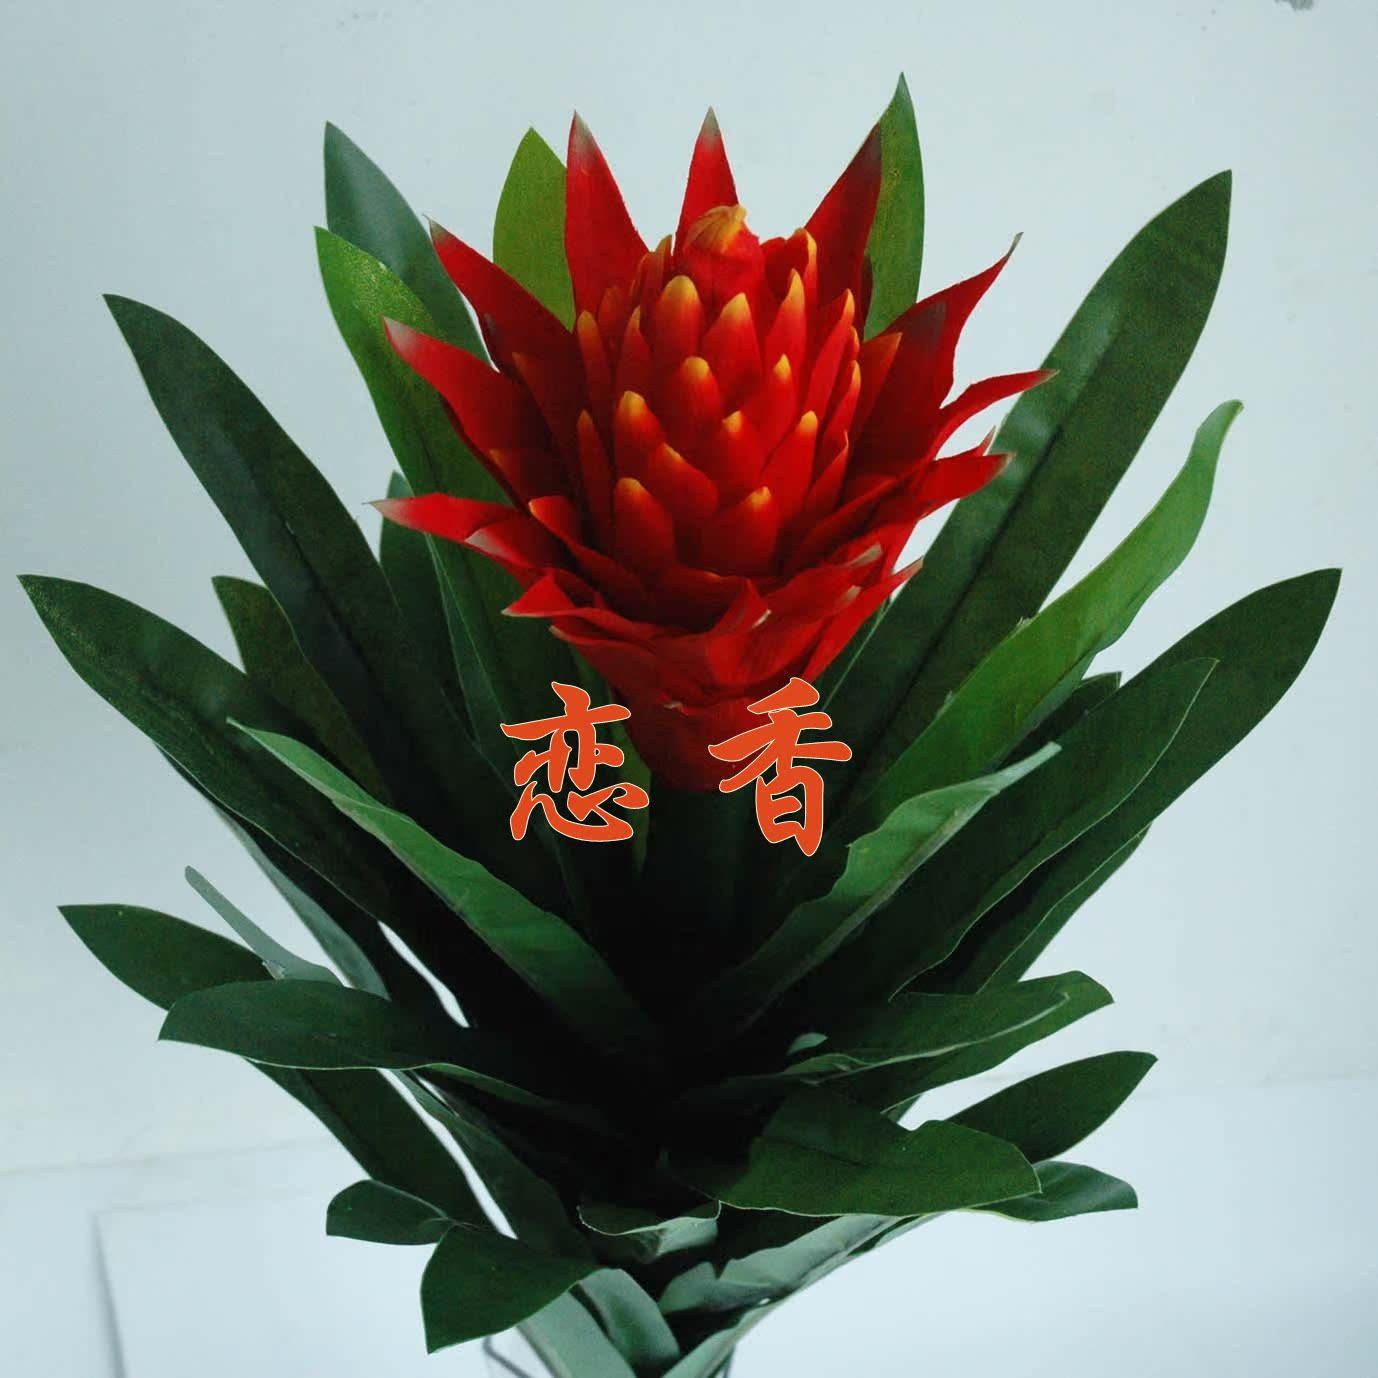 【恋香】鸿运当头 单头红 凤梨 火炬 红运当头红花仿真树植物盆景